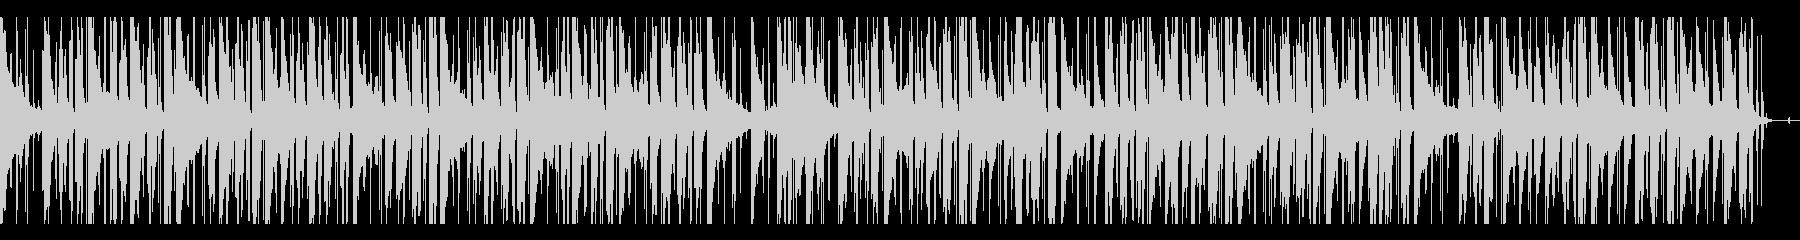 都会的・モダン・冷静 lo-fiピアノ の未再生の波形